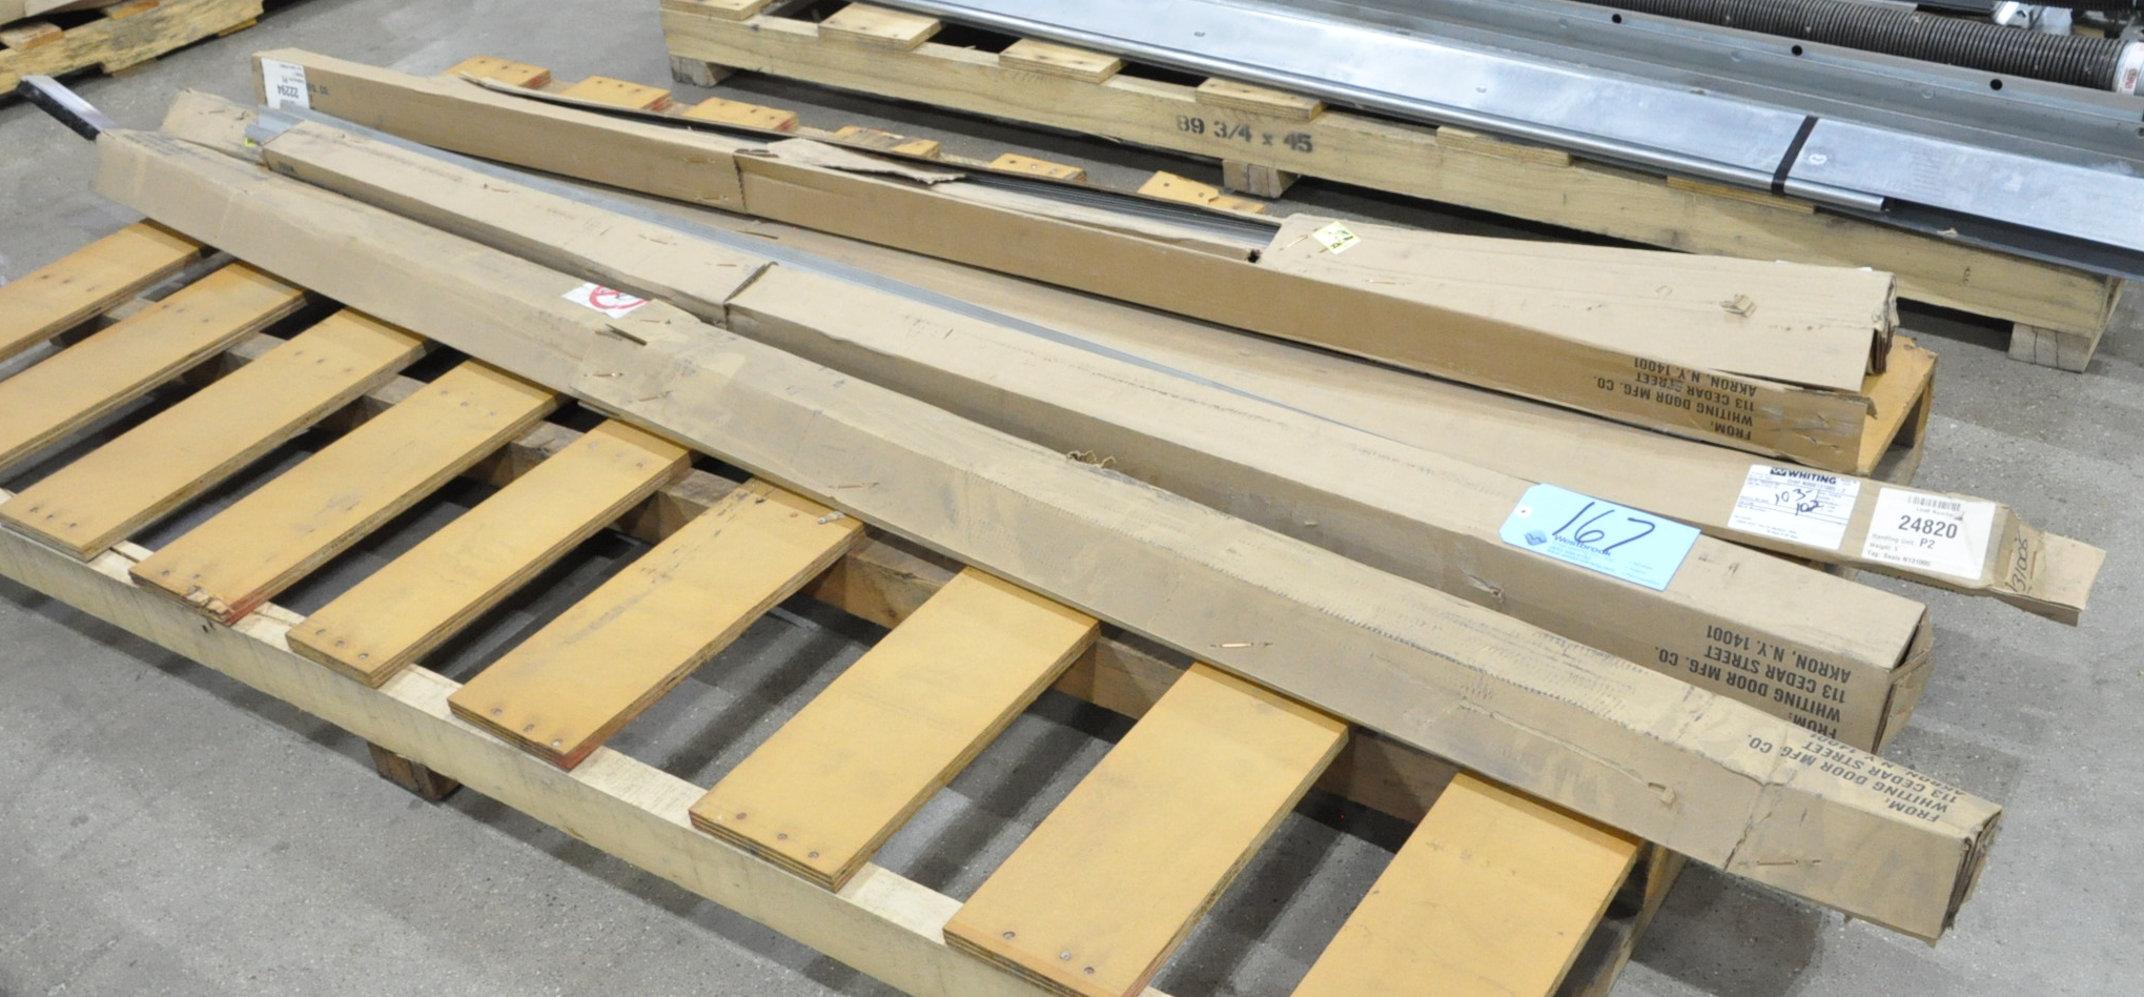 Lot-Overhead Truck Door Seals on (1) Pallet